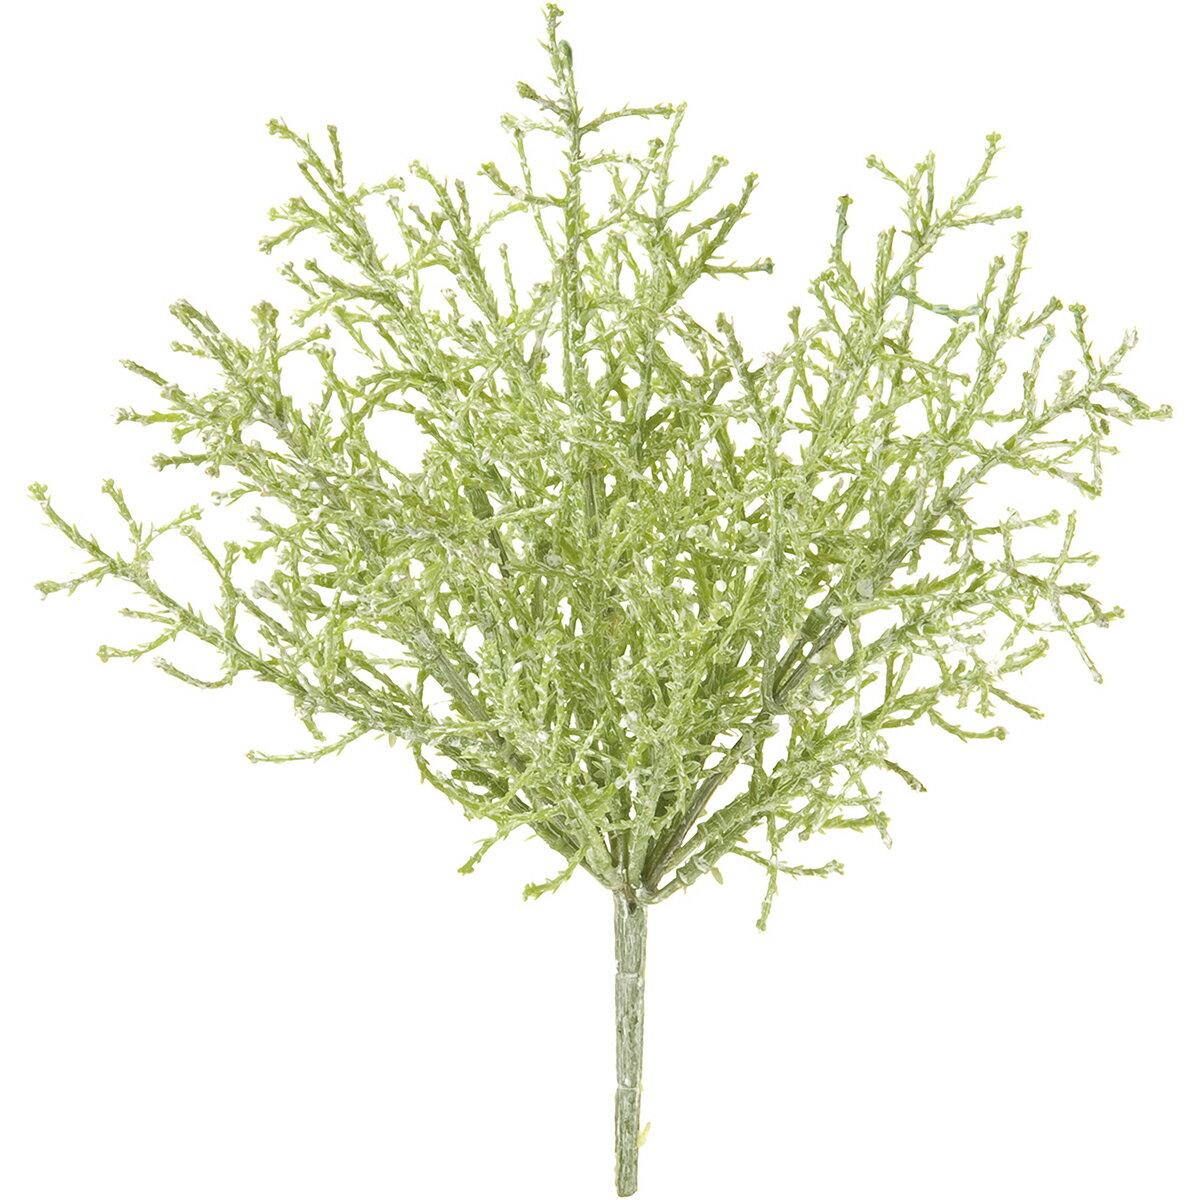 【造花】MAGIQ(東京堂)/ホワイトウォッシュサントリナブッシュ#23ライトグリーン/FX002250-023【01】【取寄】《 造花(アーティフィシャルフラワー) 造花葉物、フェイクグリーン その他の造花葉物・フェイクグリーン 》